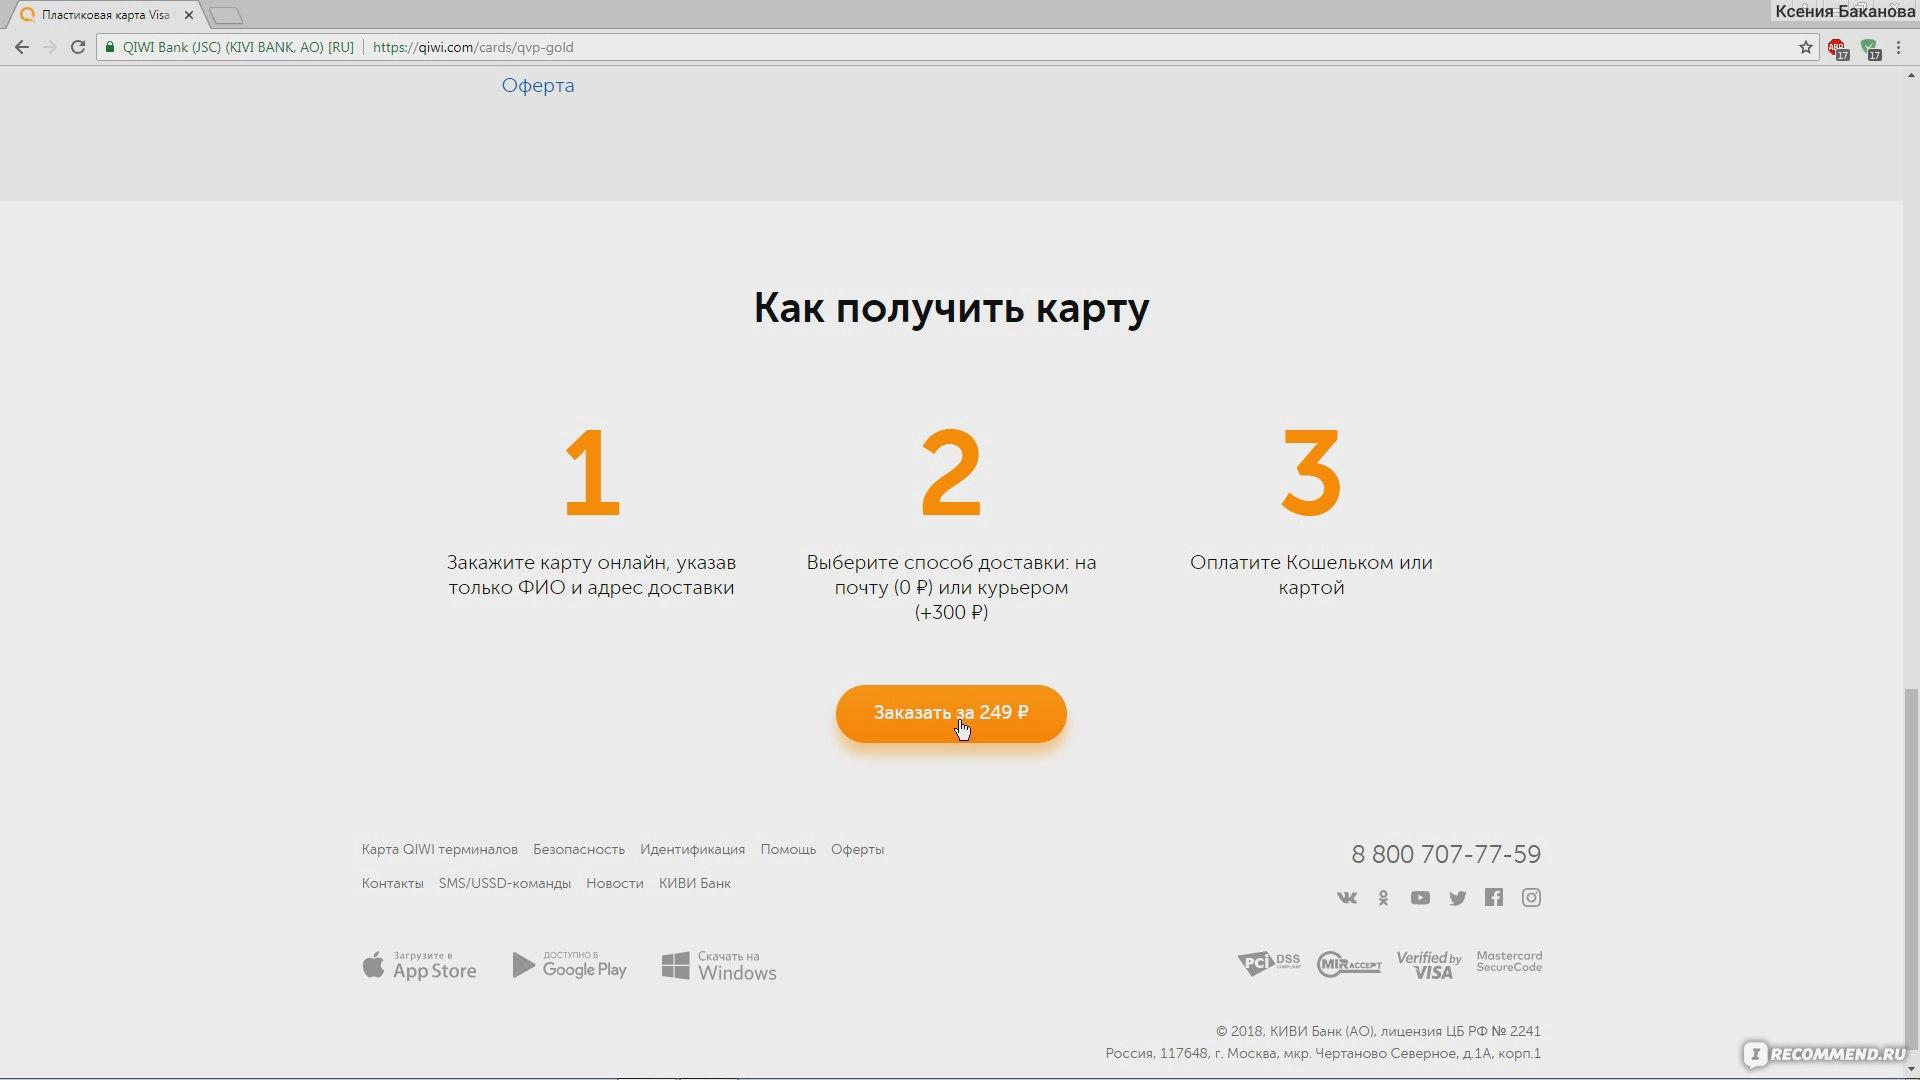 онлайн займ на киви кошелек круглосуточно безработным